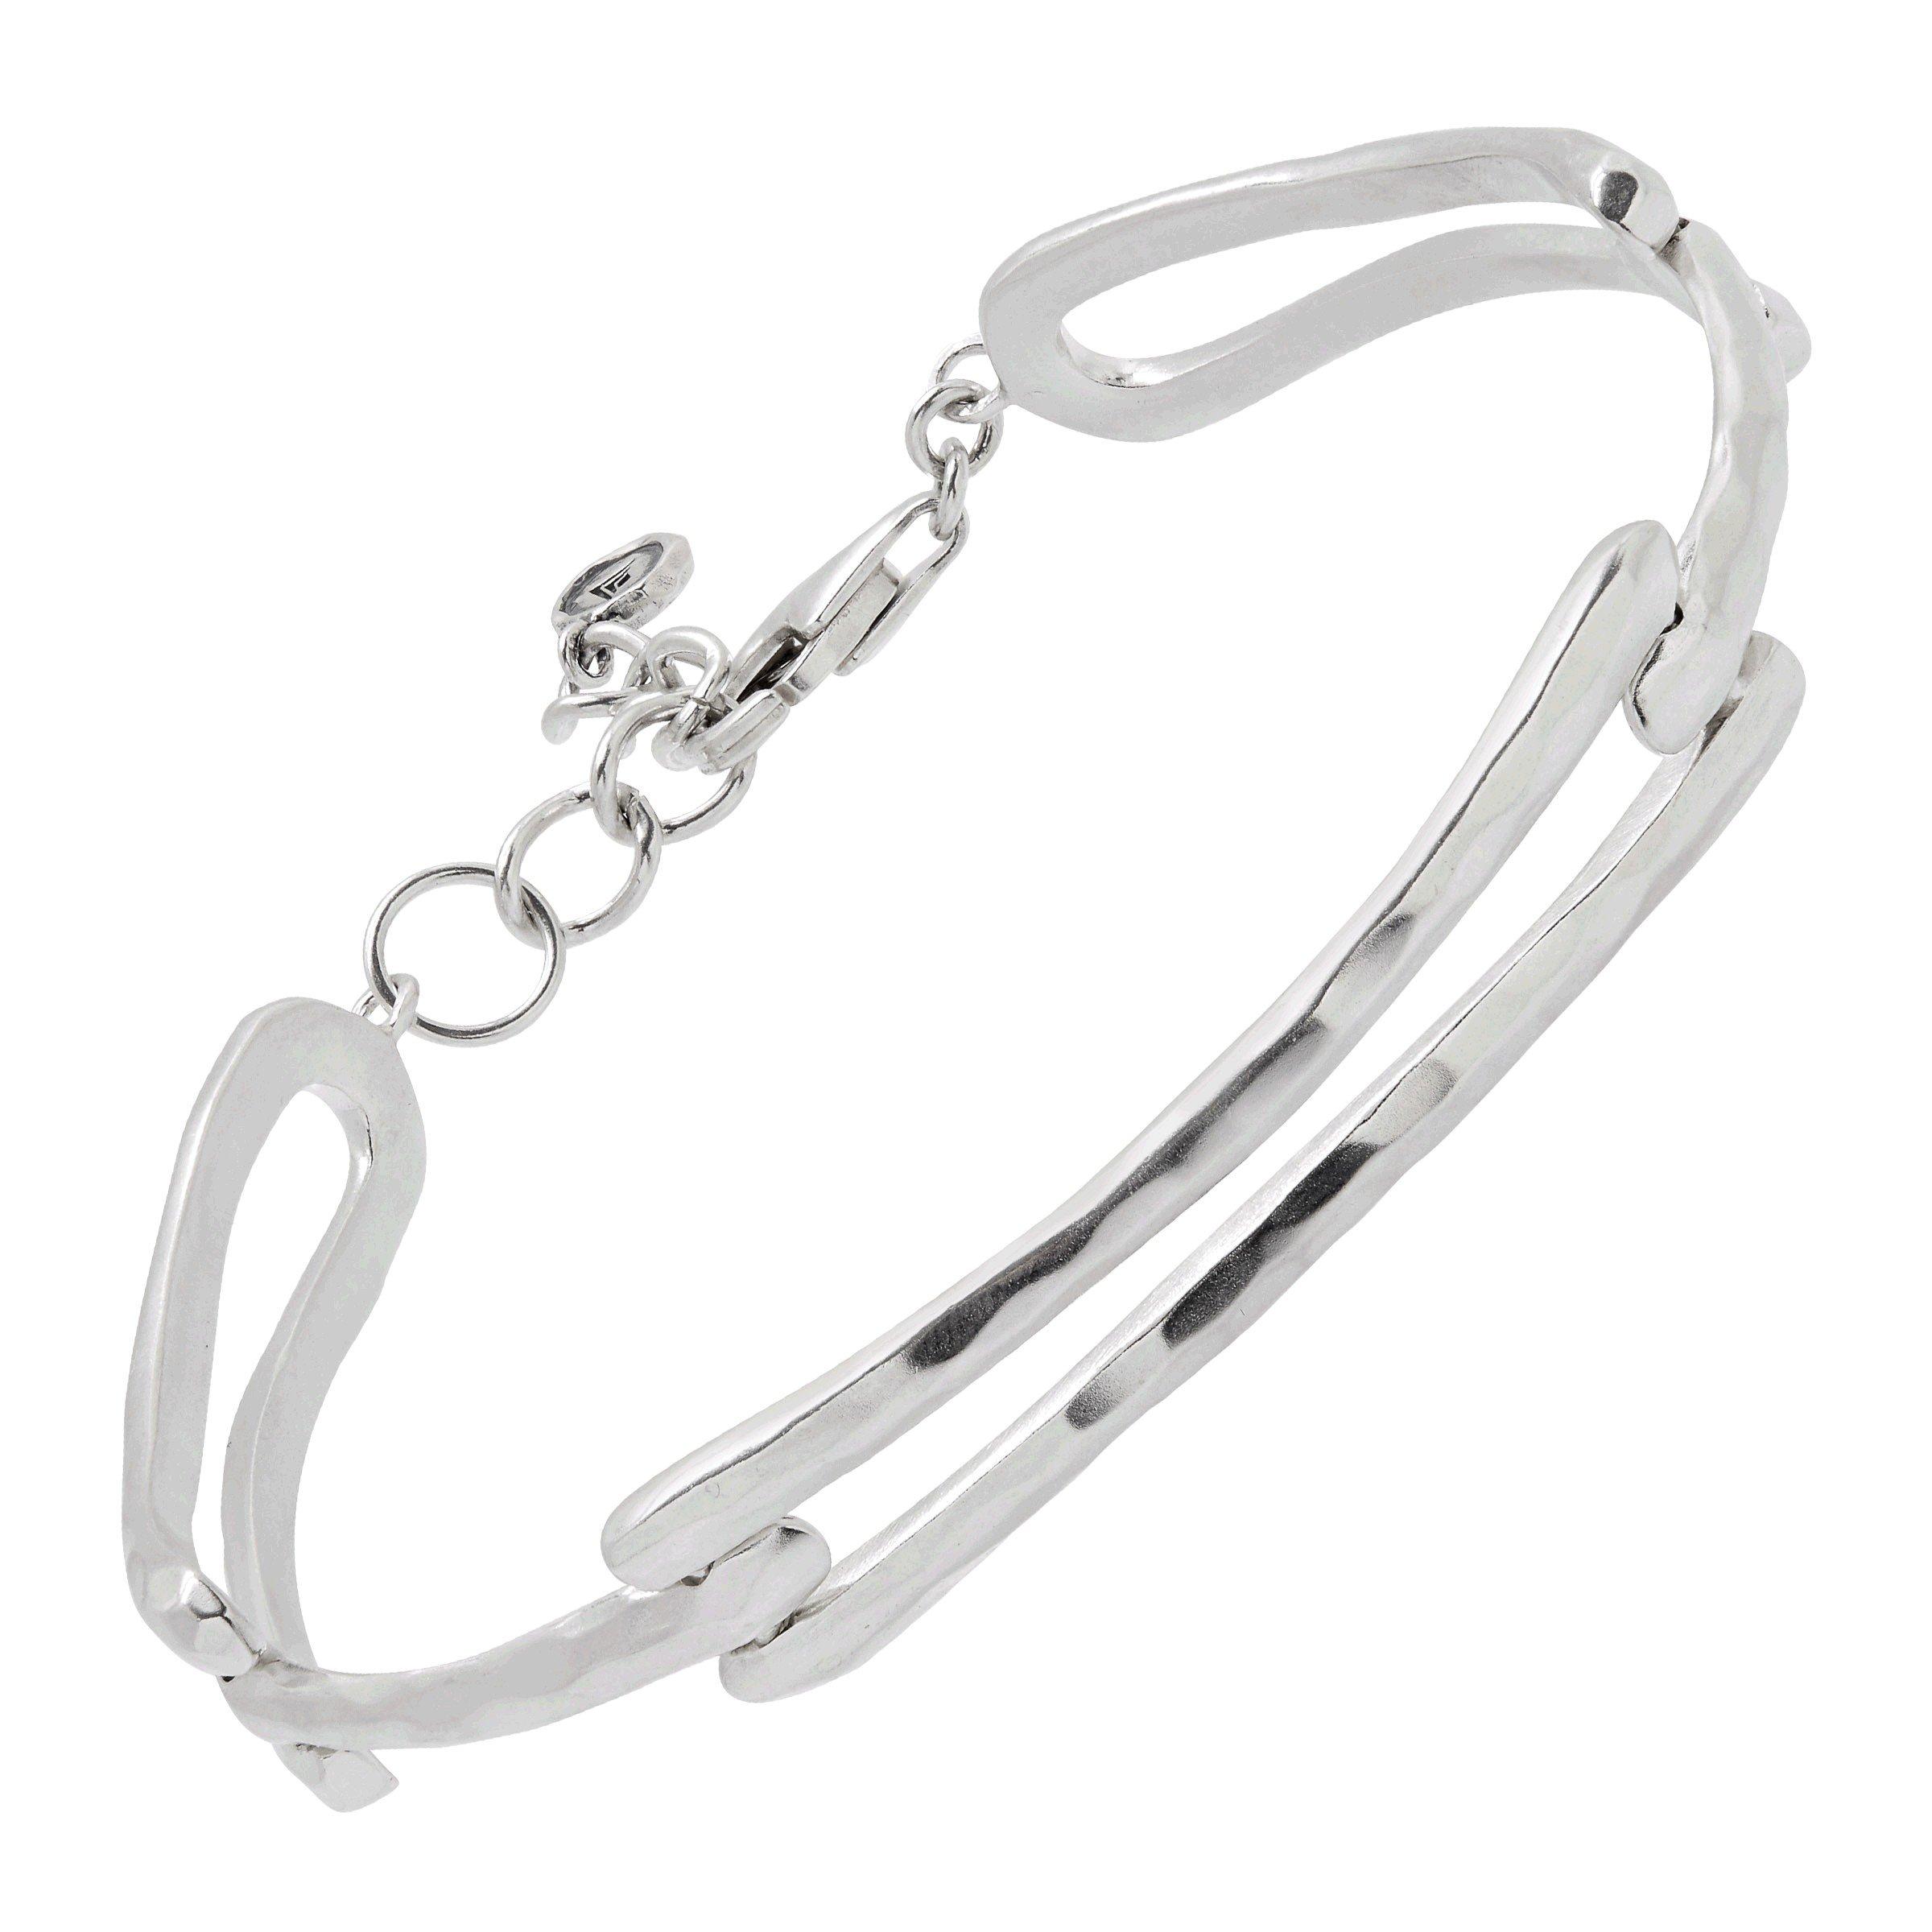 Silpada 'Triple Link' Bracelet in Sterling Silver, 7'' + 1'' Extender